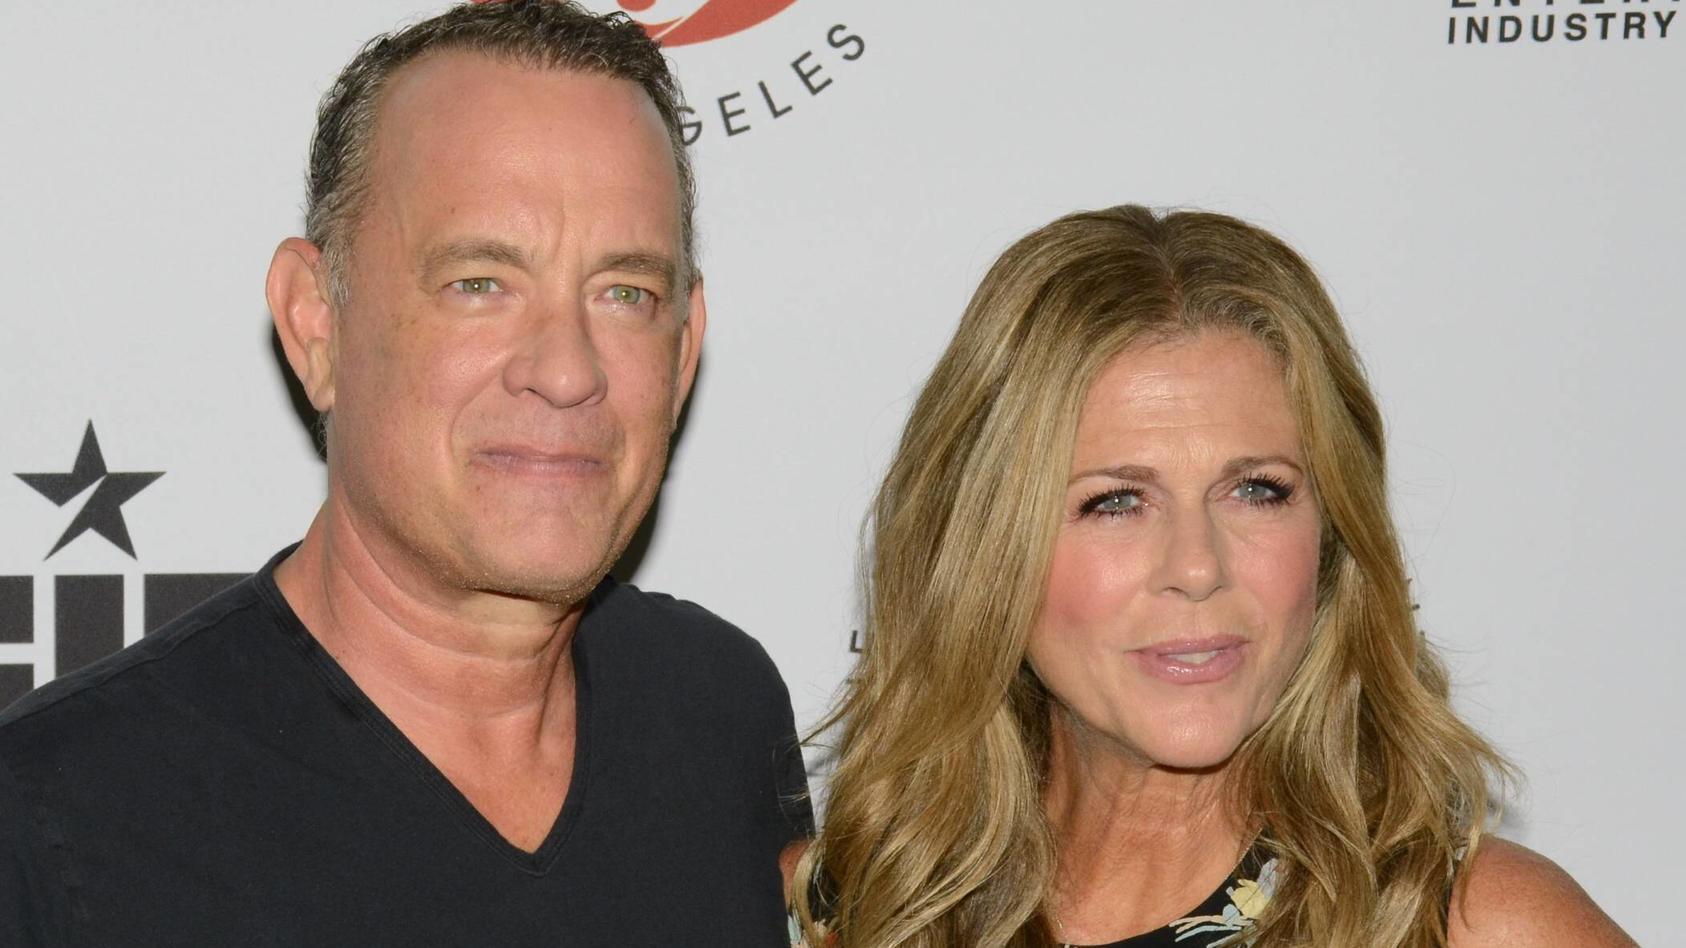 Tom Hanks und Rita Wilson wollen die Entwicklung eines Corona-Impfstoffs vorantreiben - mit ihrem eigenen Blut